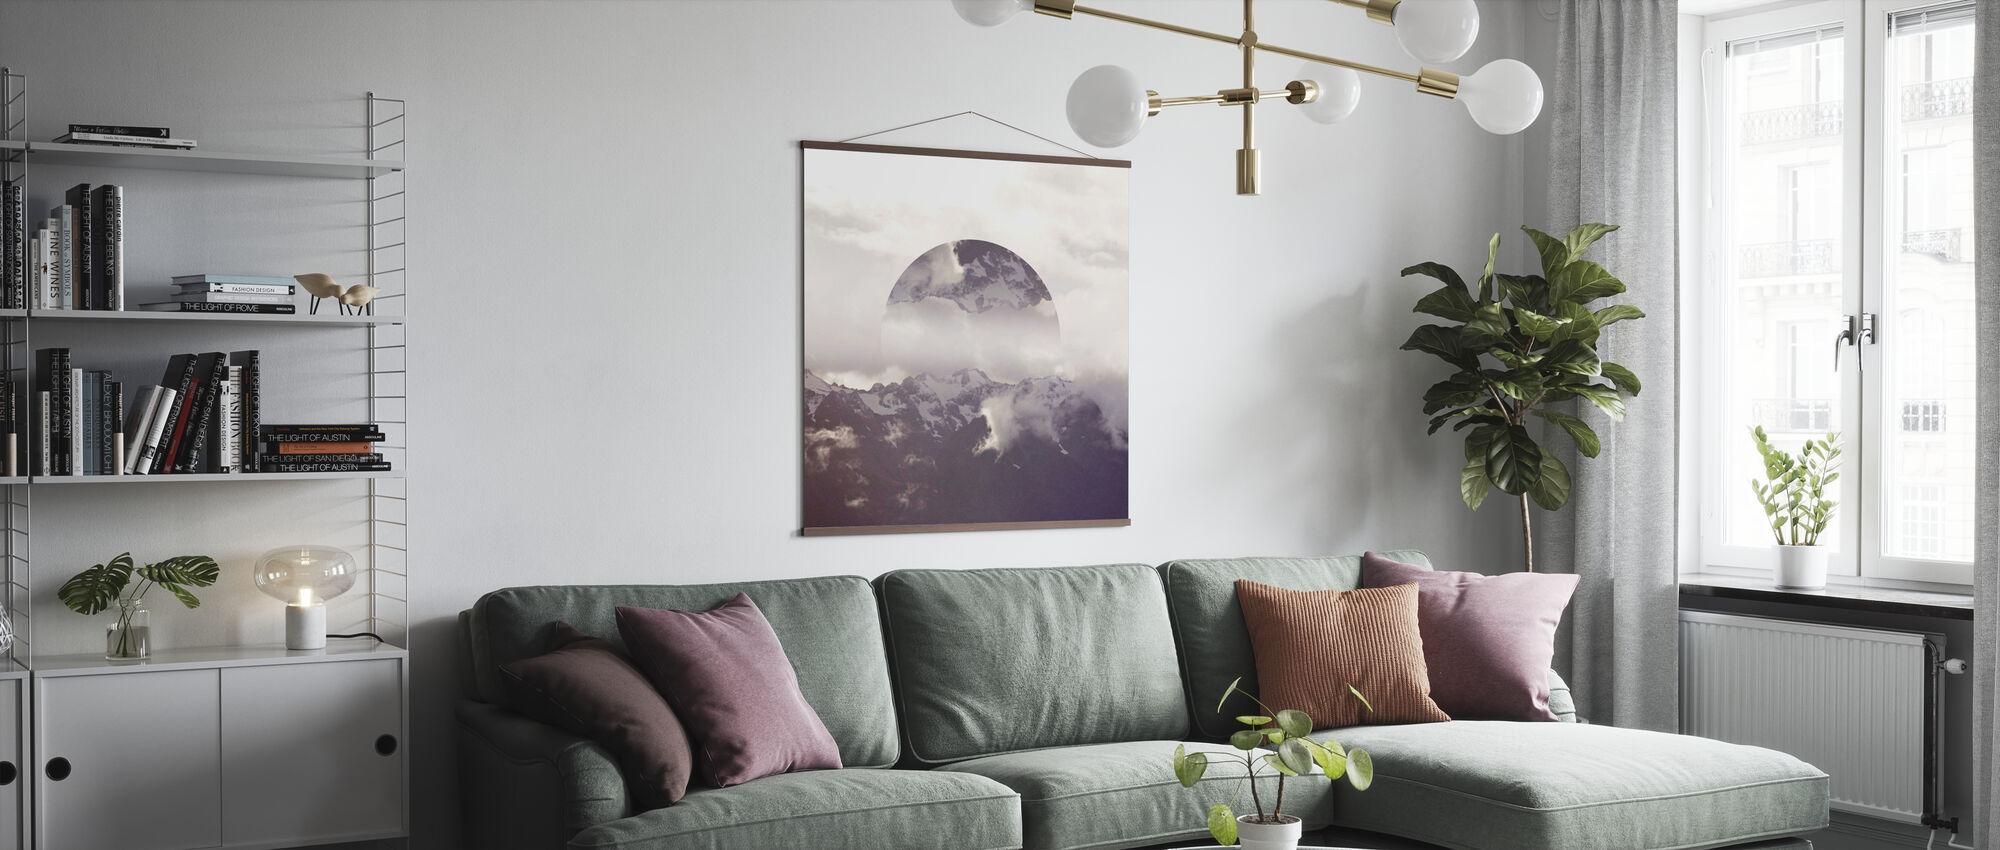 Reflected Landscape 2 - Poster - Living Room